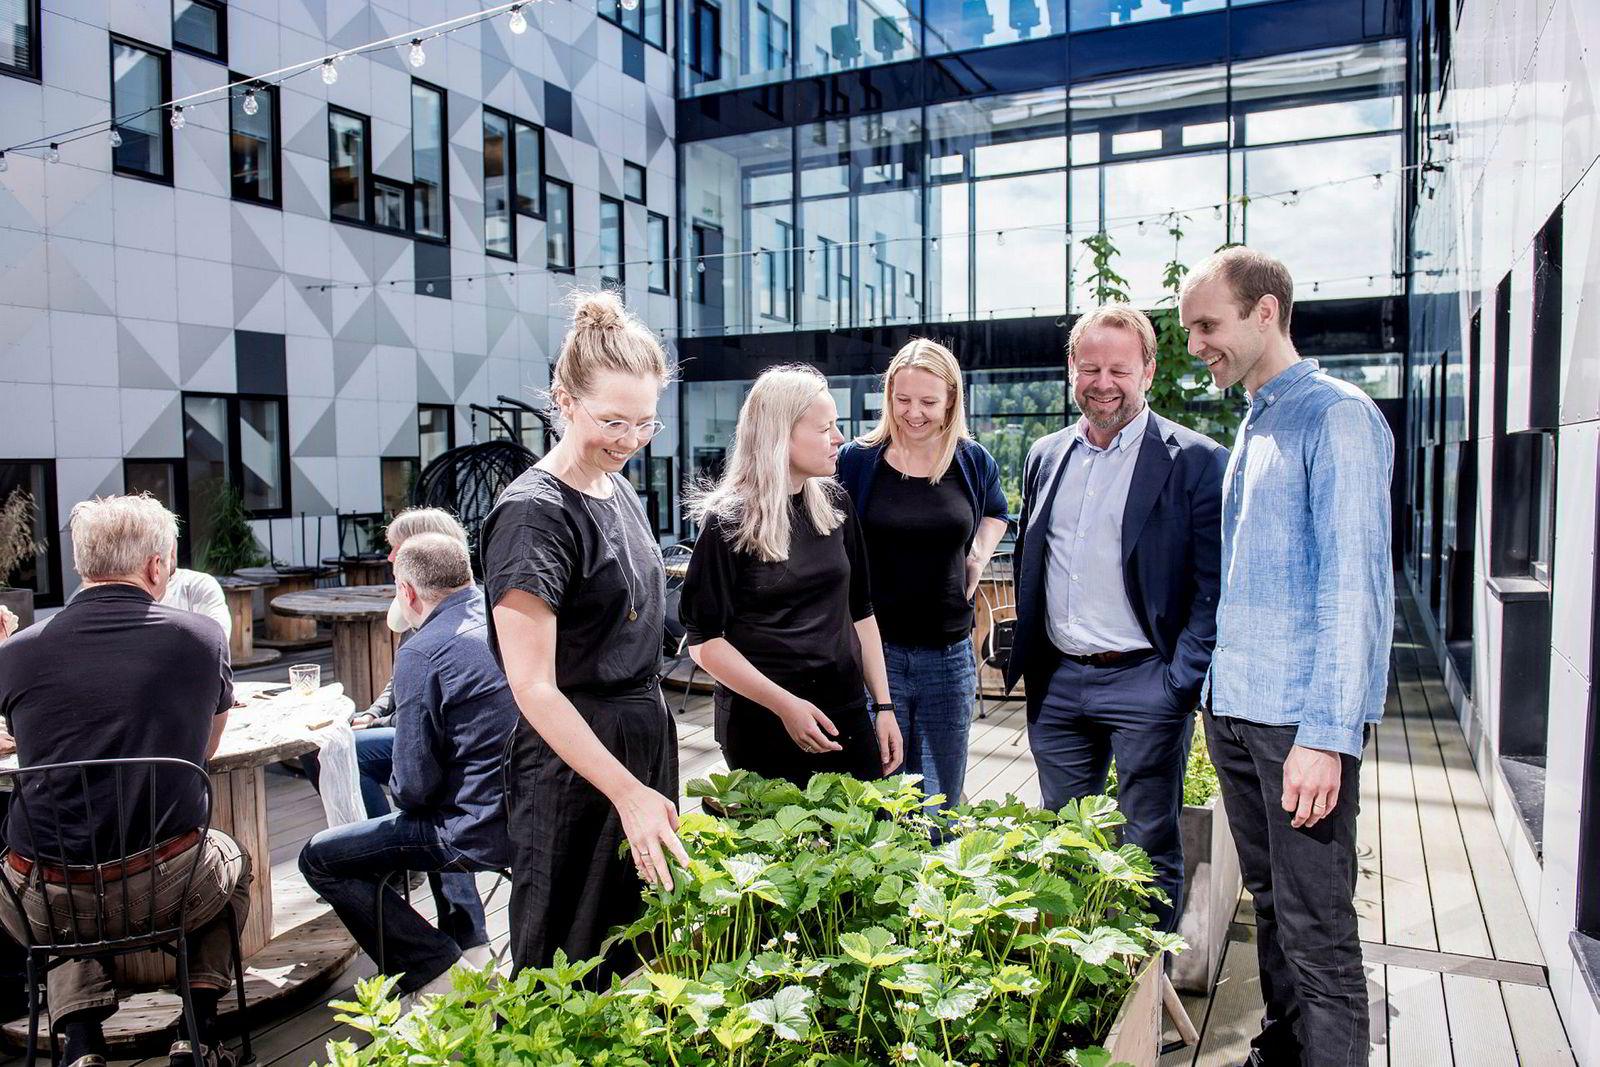 Norconsult i Trondheim satser nå hardt på å øke de ansattes bevissthet rundt klima og miljø. Utenfor kantinen har de blant annet plantet urter. Fra venstre: Silje Solberg (Ducky), Nina Eklo Kjesbu, Guro Thue Unsgård og Øyvind Wanderås fra Norconsult og Mads Simonsen (Ducky).